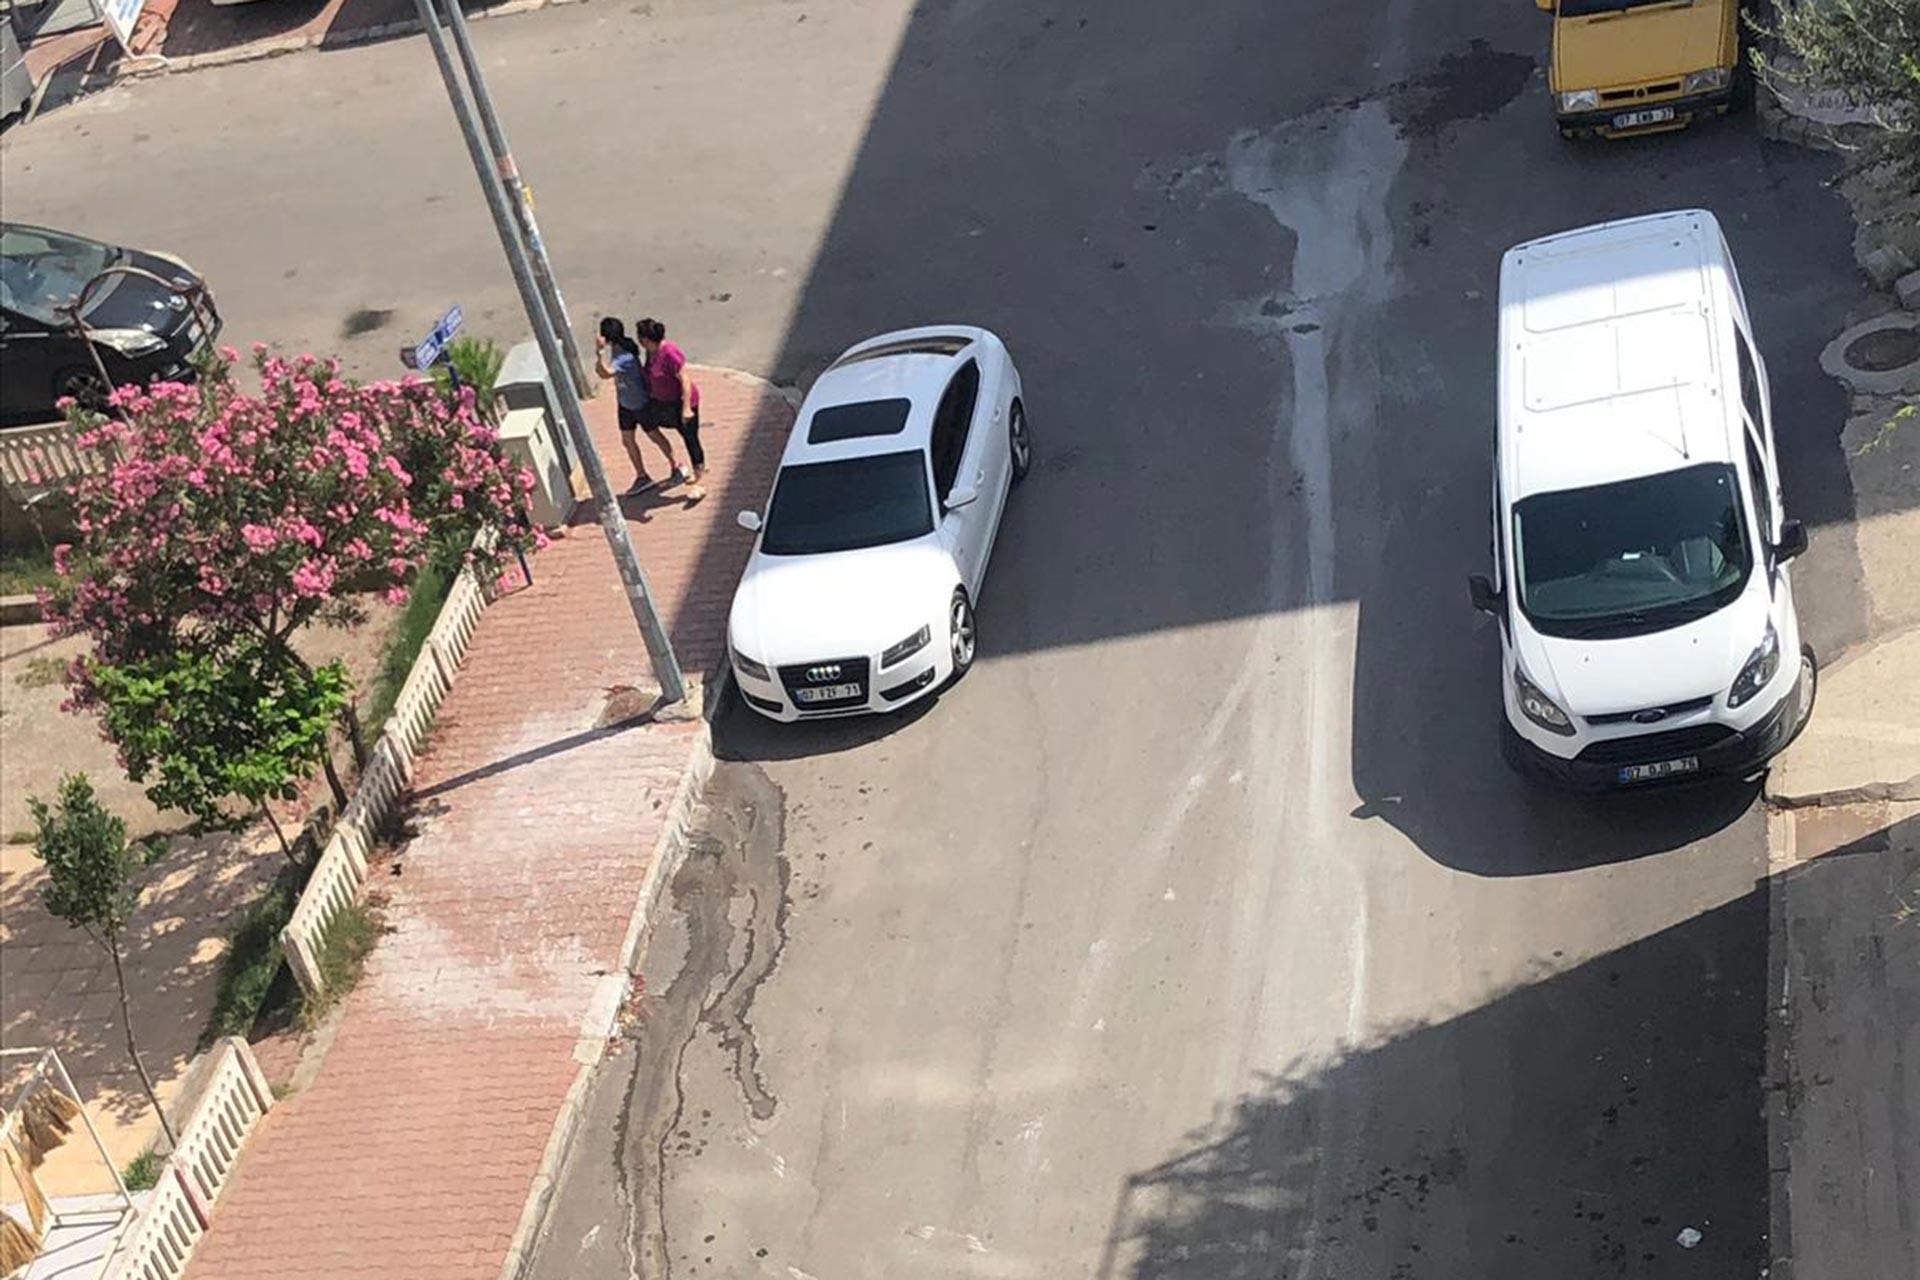 Antalya'da bir erkek sürekli taciz ettiği eski eşine kezzaplı saldırıda bulundu